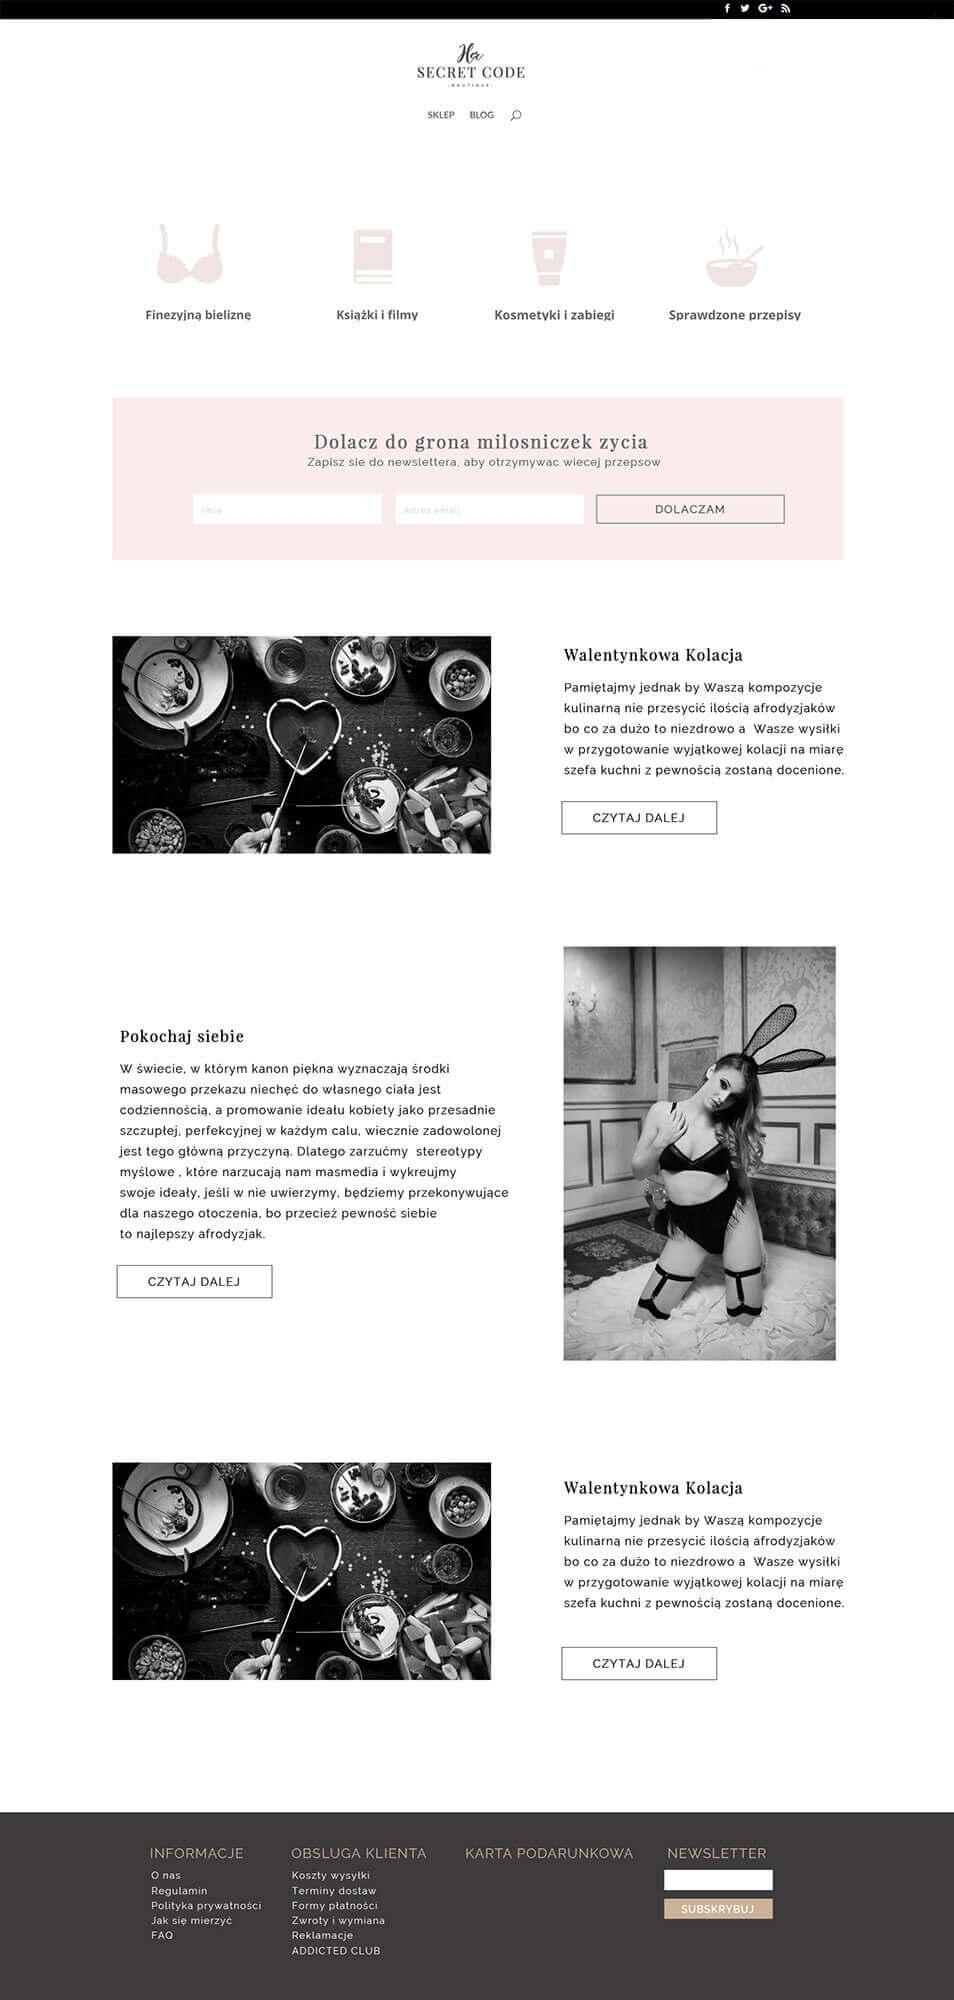 Her Secret Code - Blog Page Design